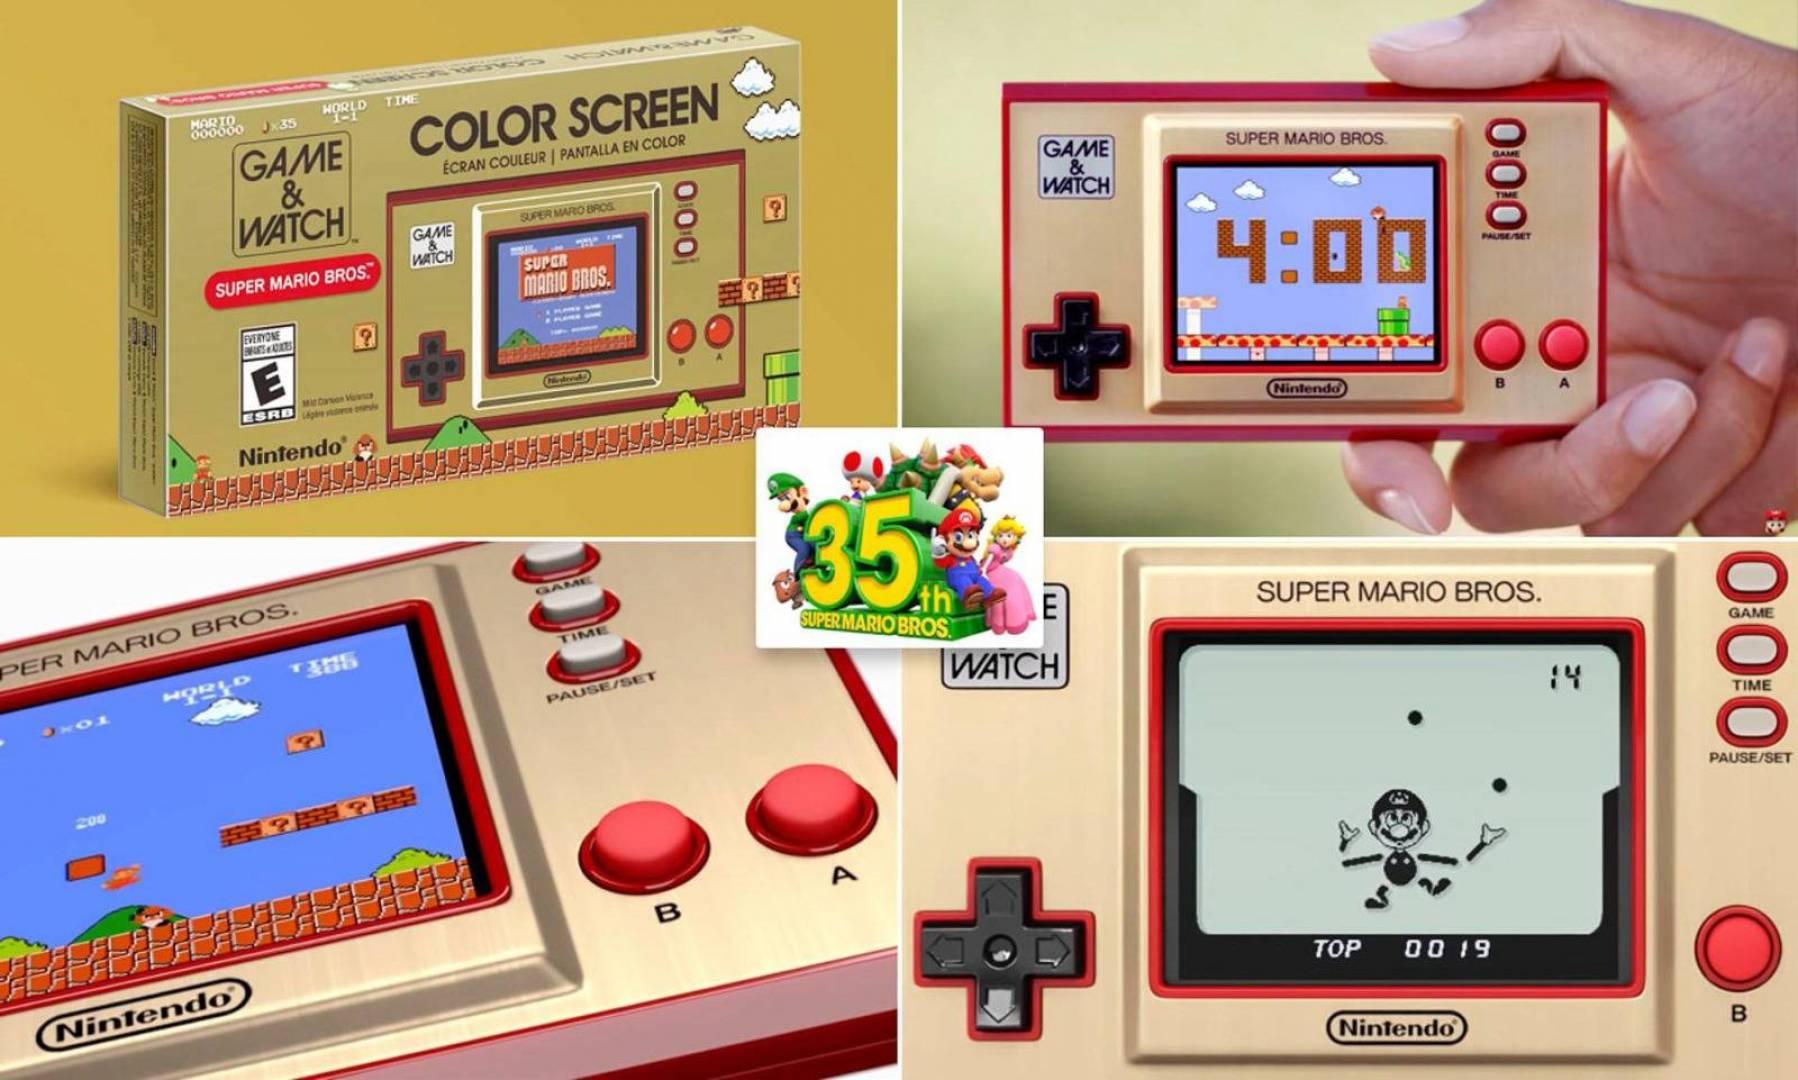 ألعاب الثمانينيات تعود إلى السوق